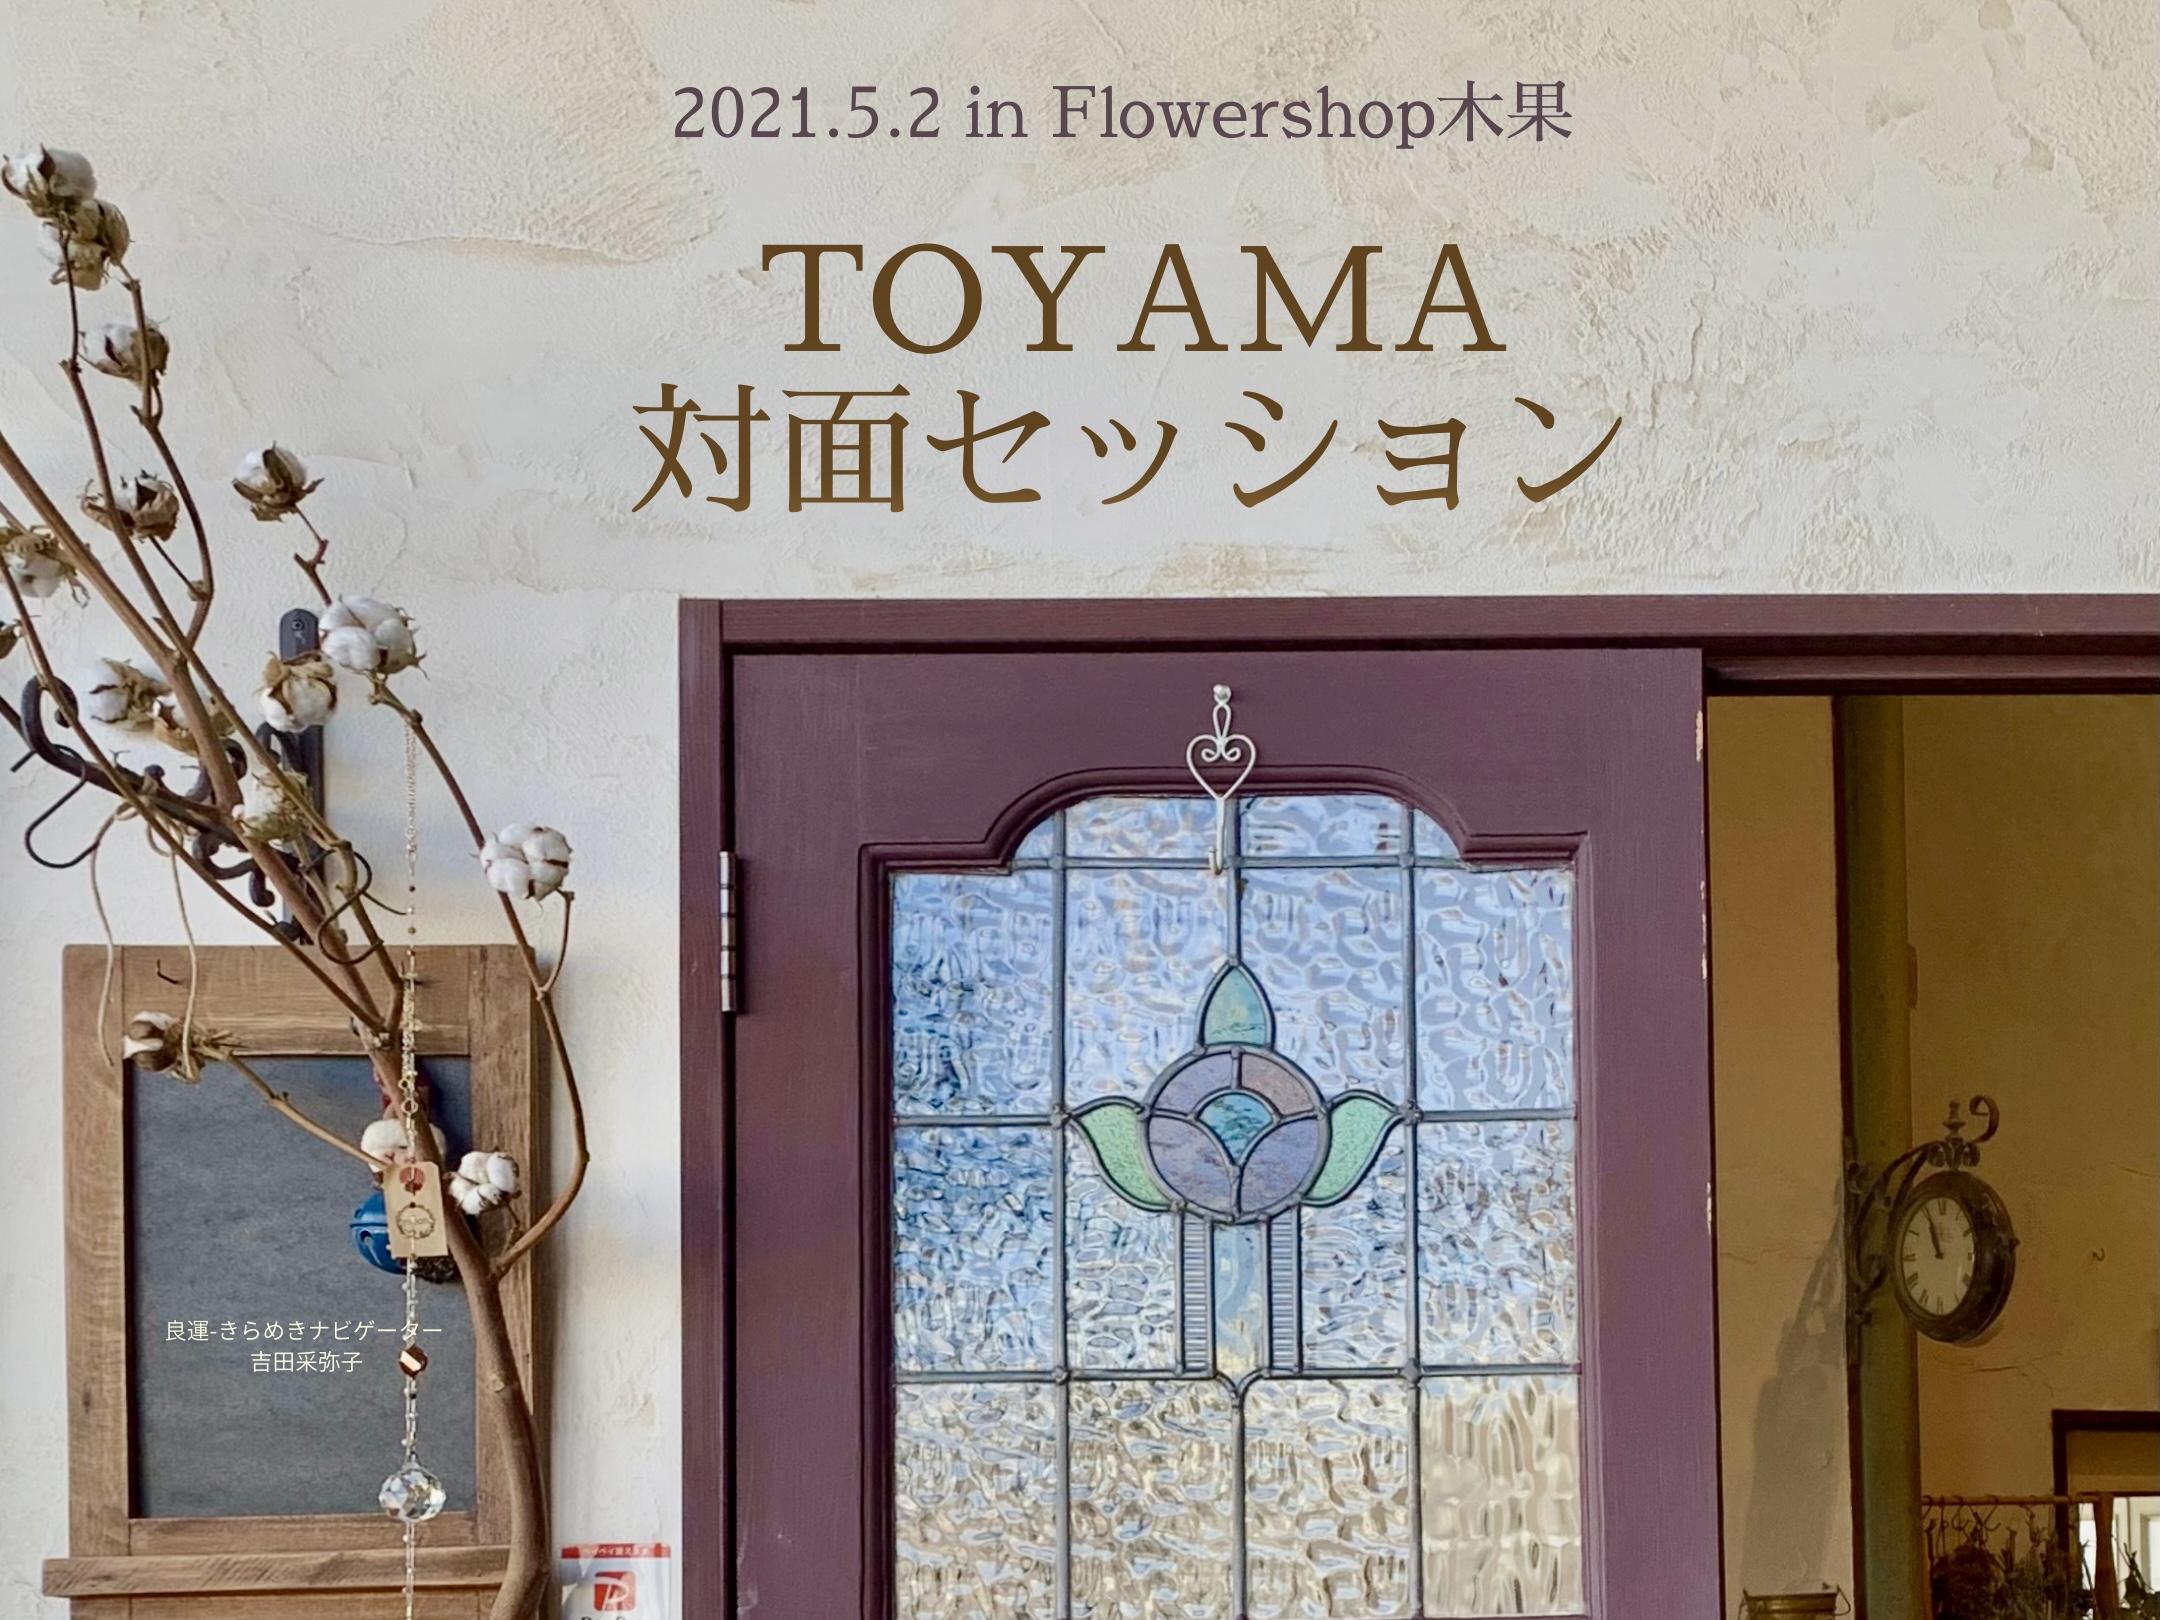 【富山】対面セッションのご案内 5月2日(日) in 木果さま